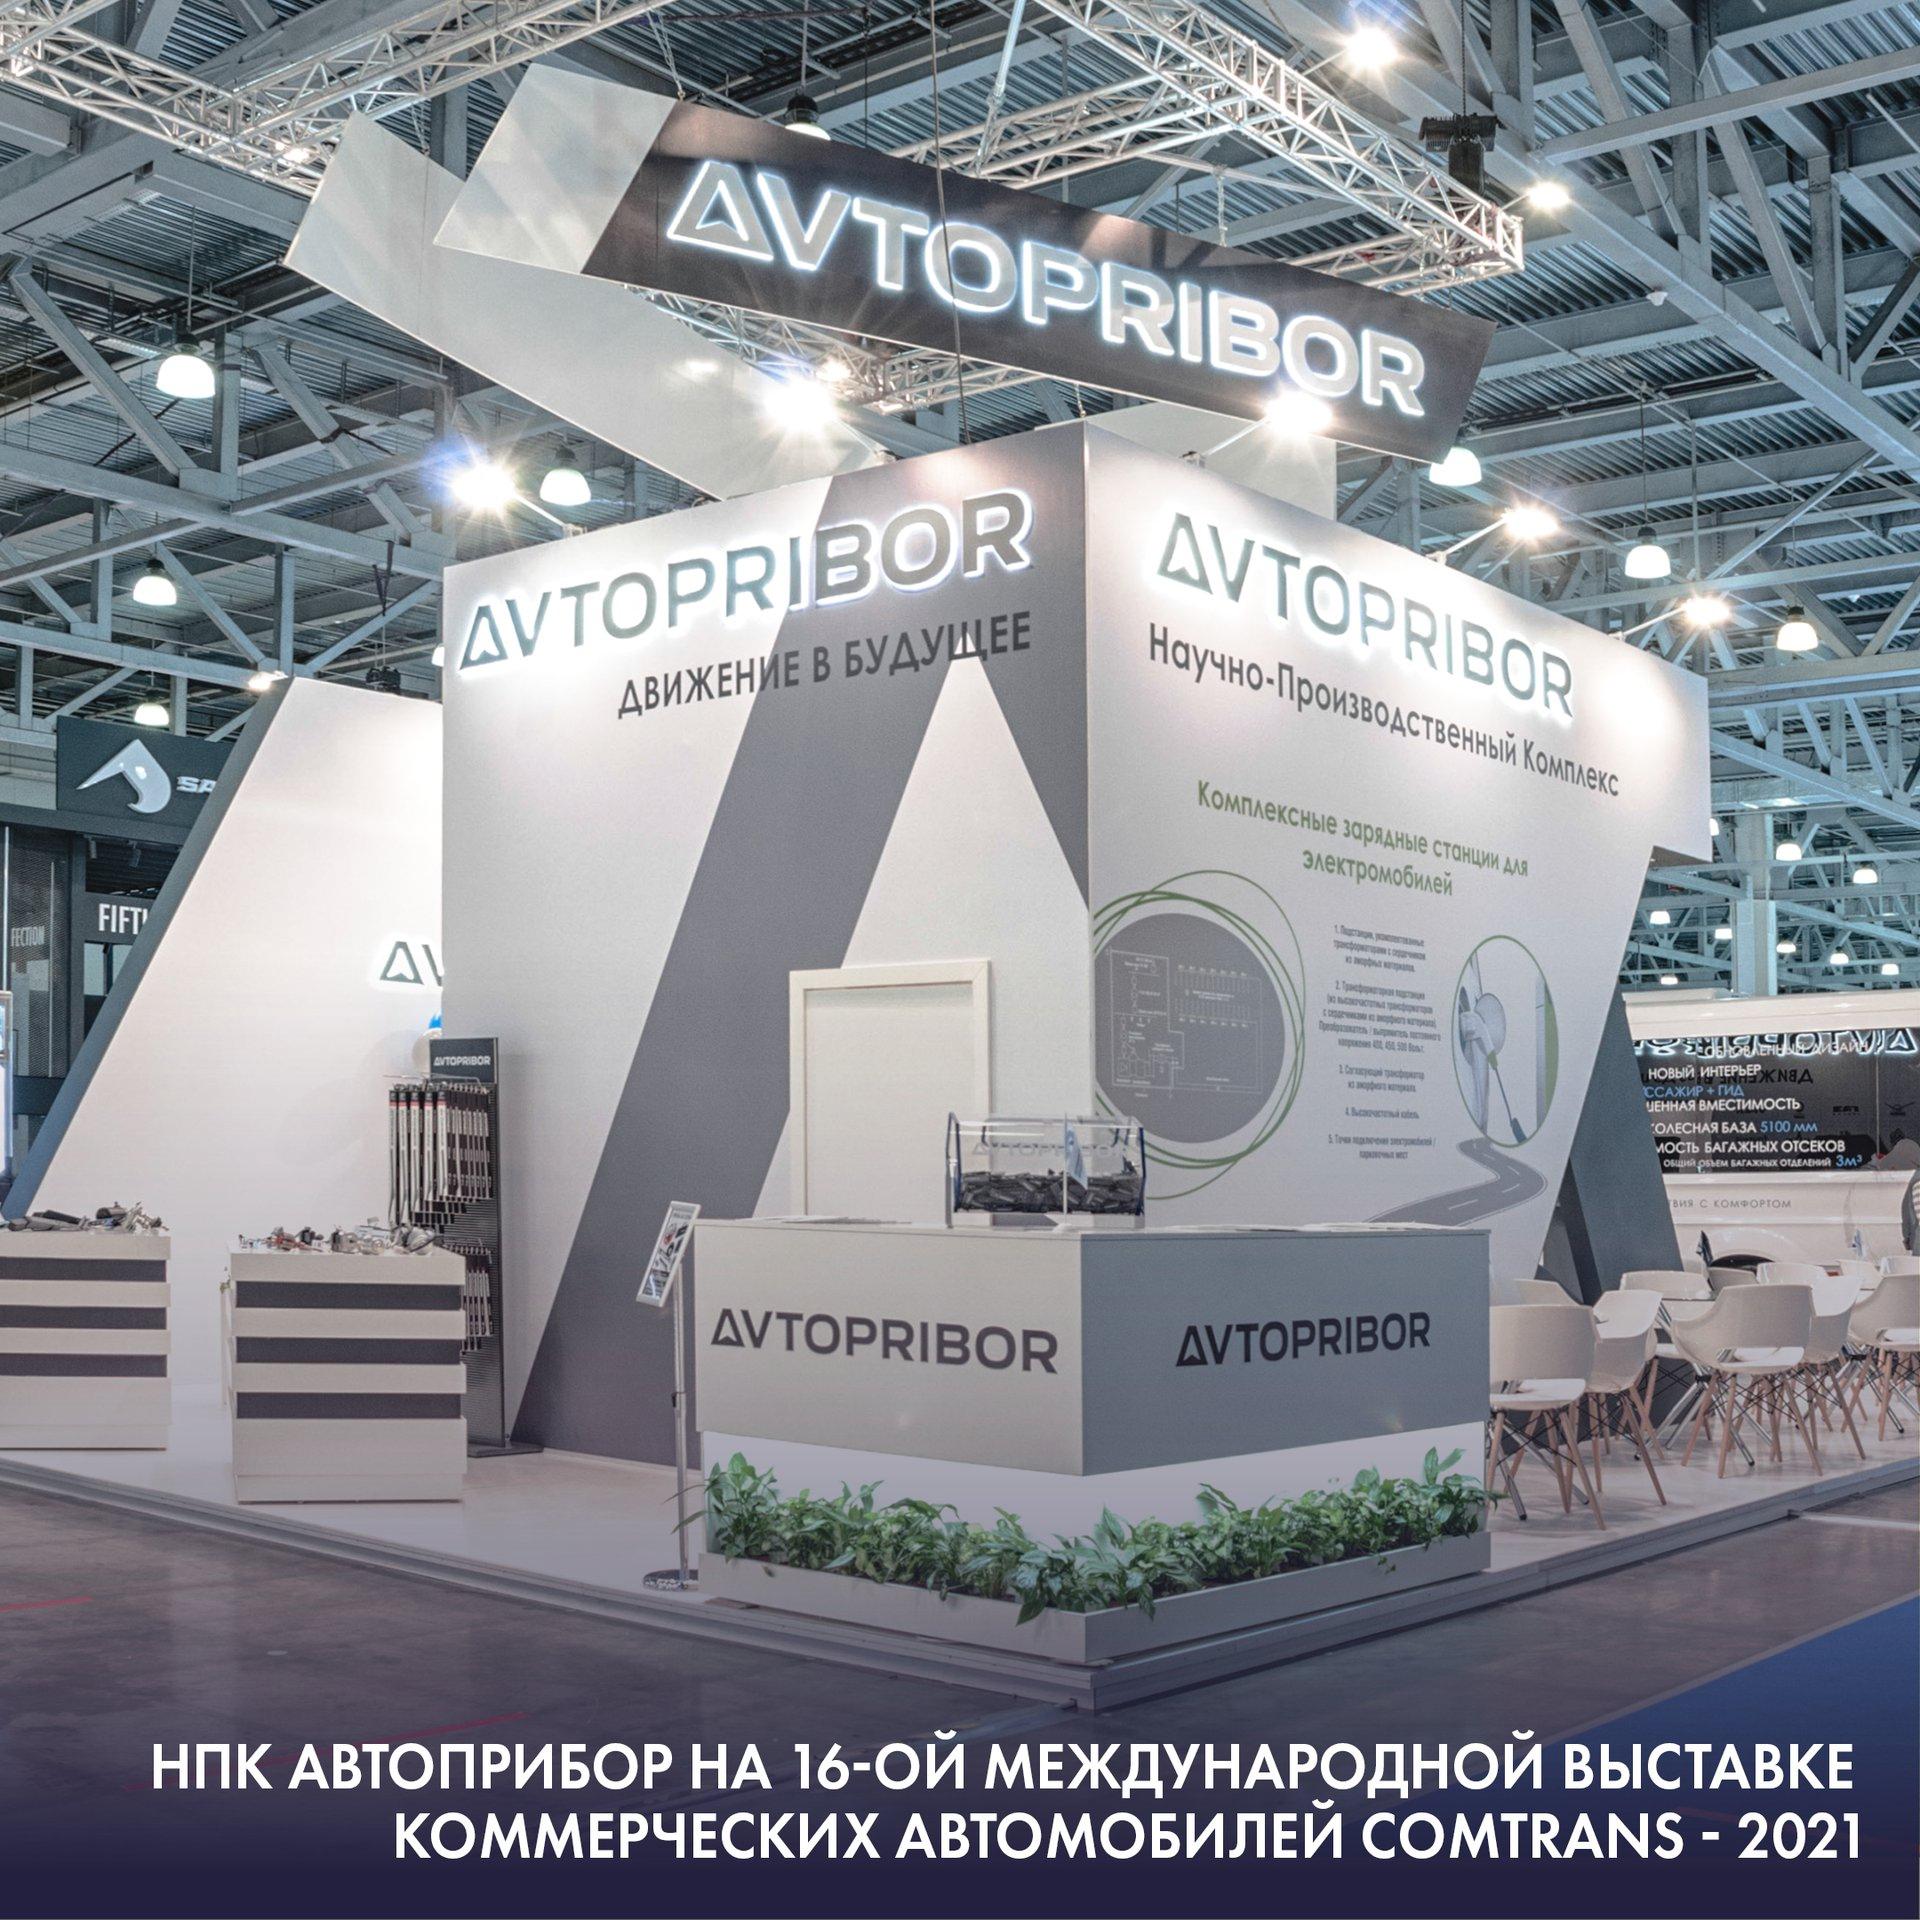 НПК АВТОПРИБОР открыл собственный стенд на выставке коммерческих автомобилей COMTRANS 2021